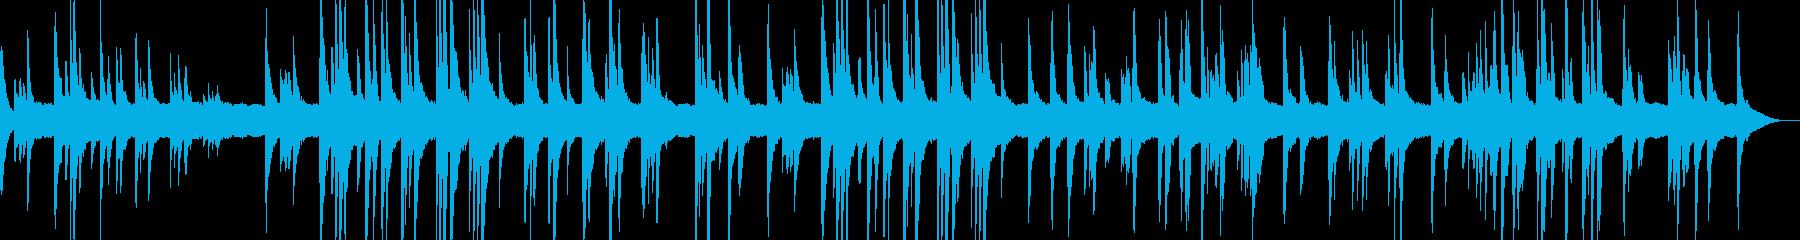 ヒーリング音楽その1の再生済みの波形